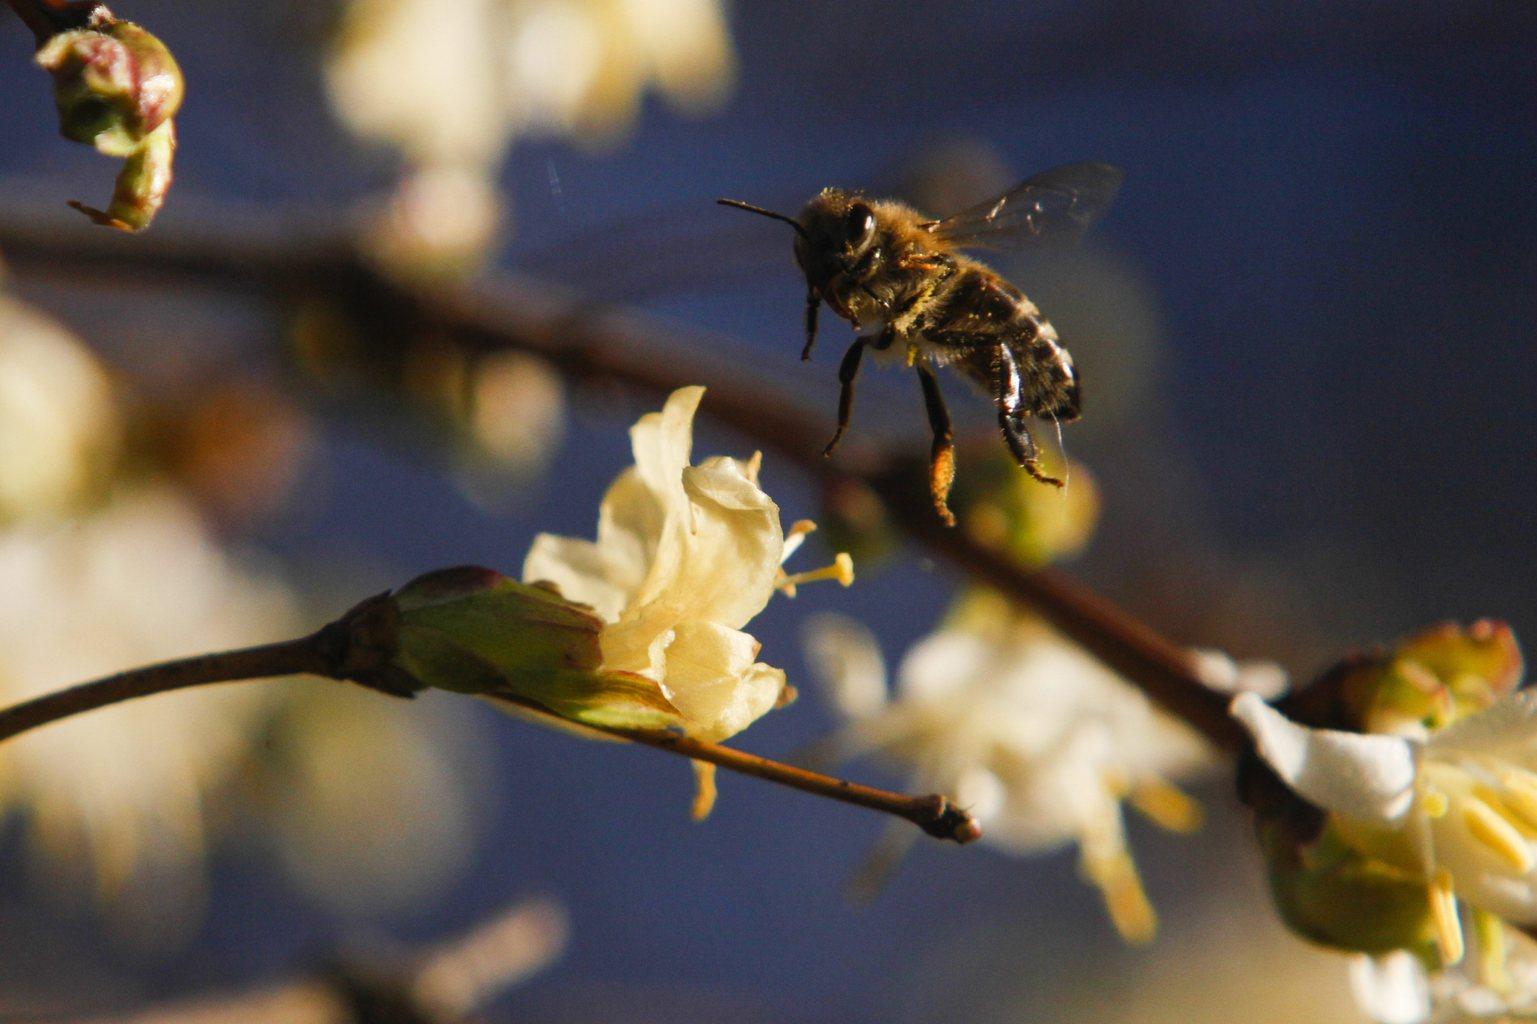 Egy méh virágport gyűjt egy virágzó korai loncról (Lonicera x purpusii) a nagykanizsai Csónakázó-tónál 2014. január 12-én (MTI-fotó: Varga György)